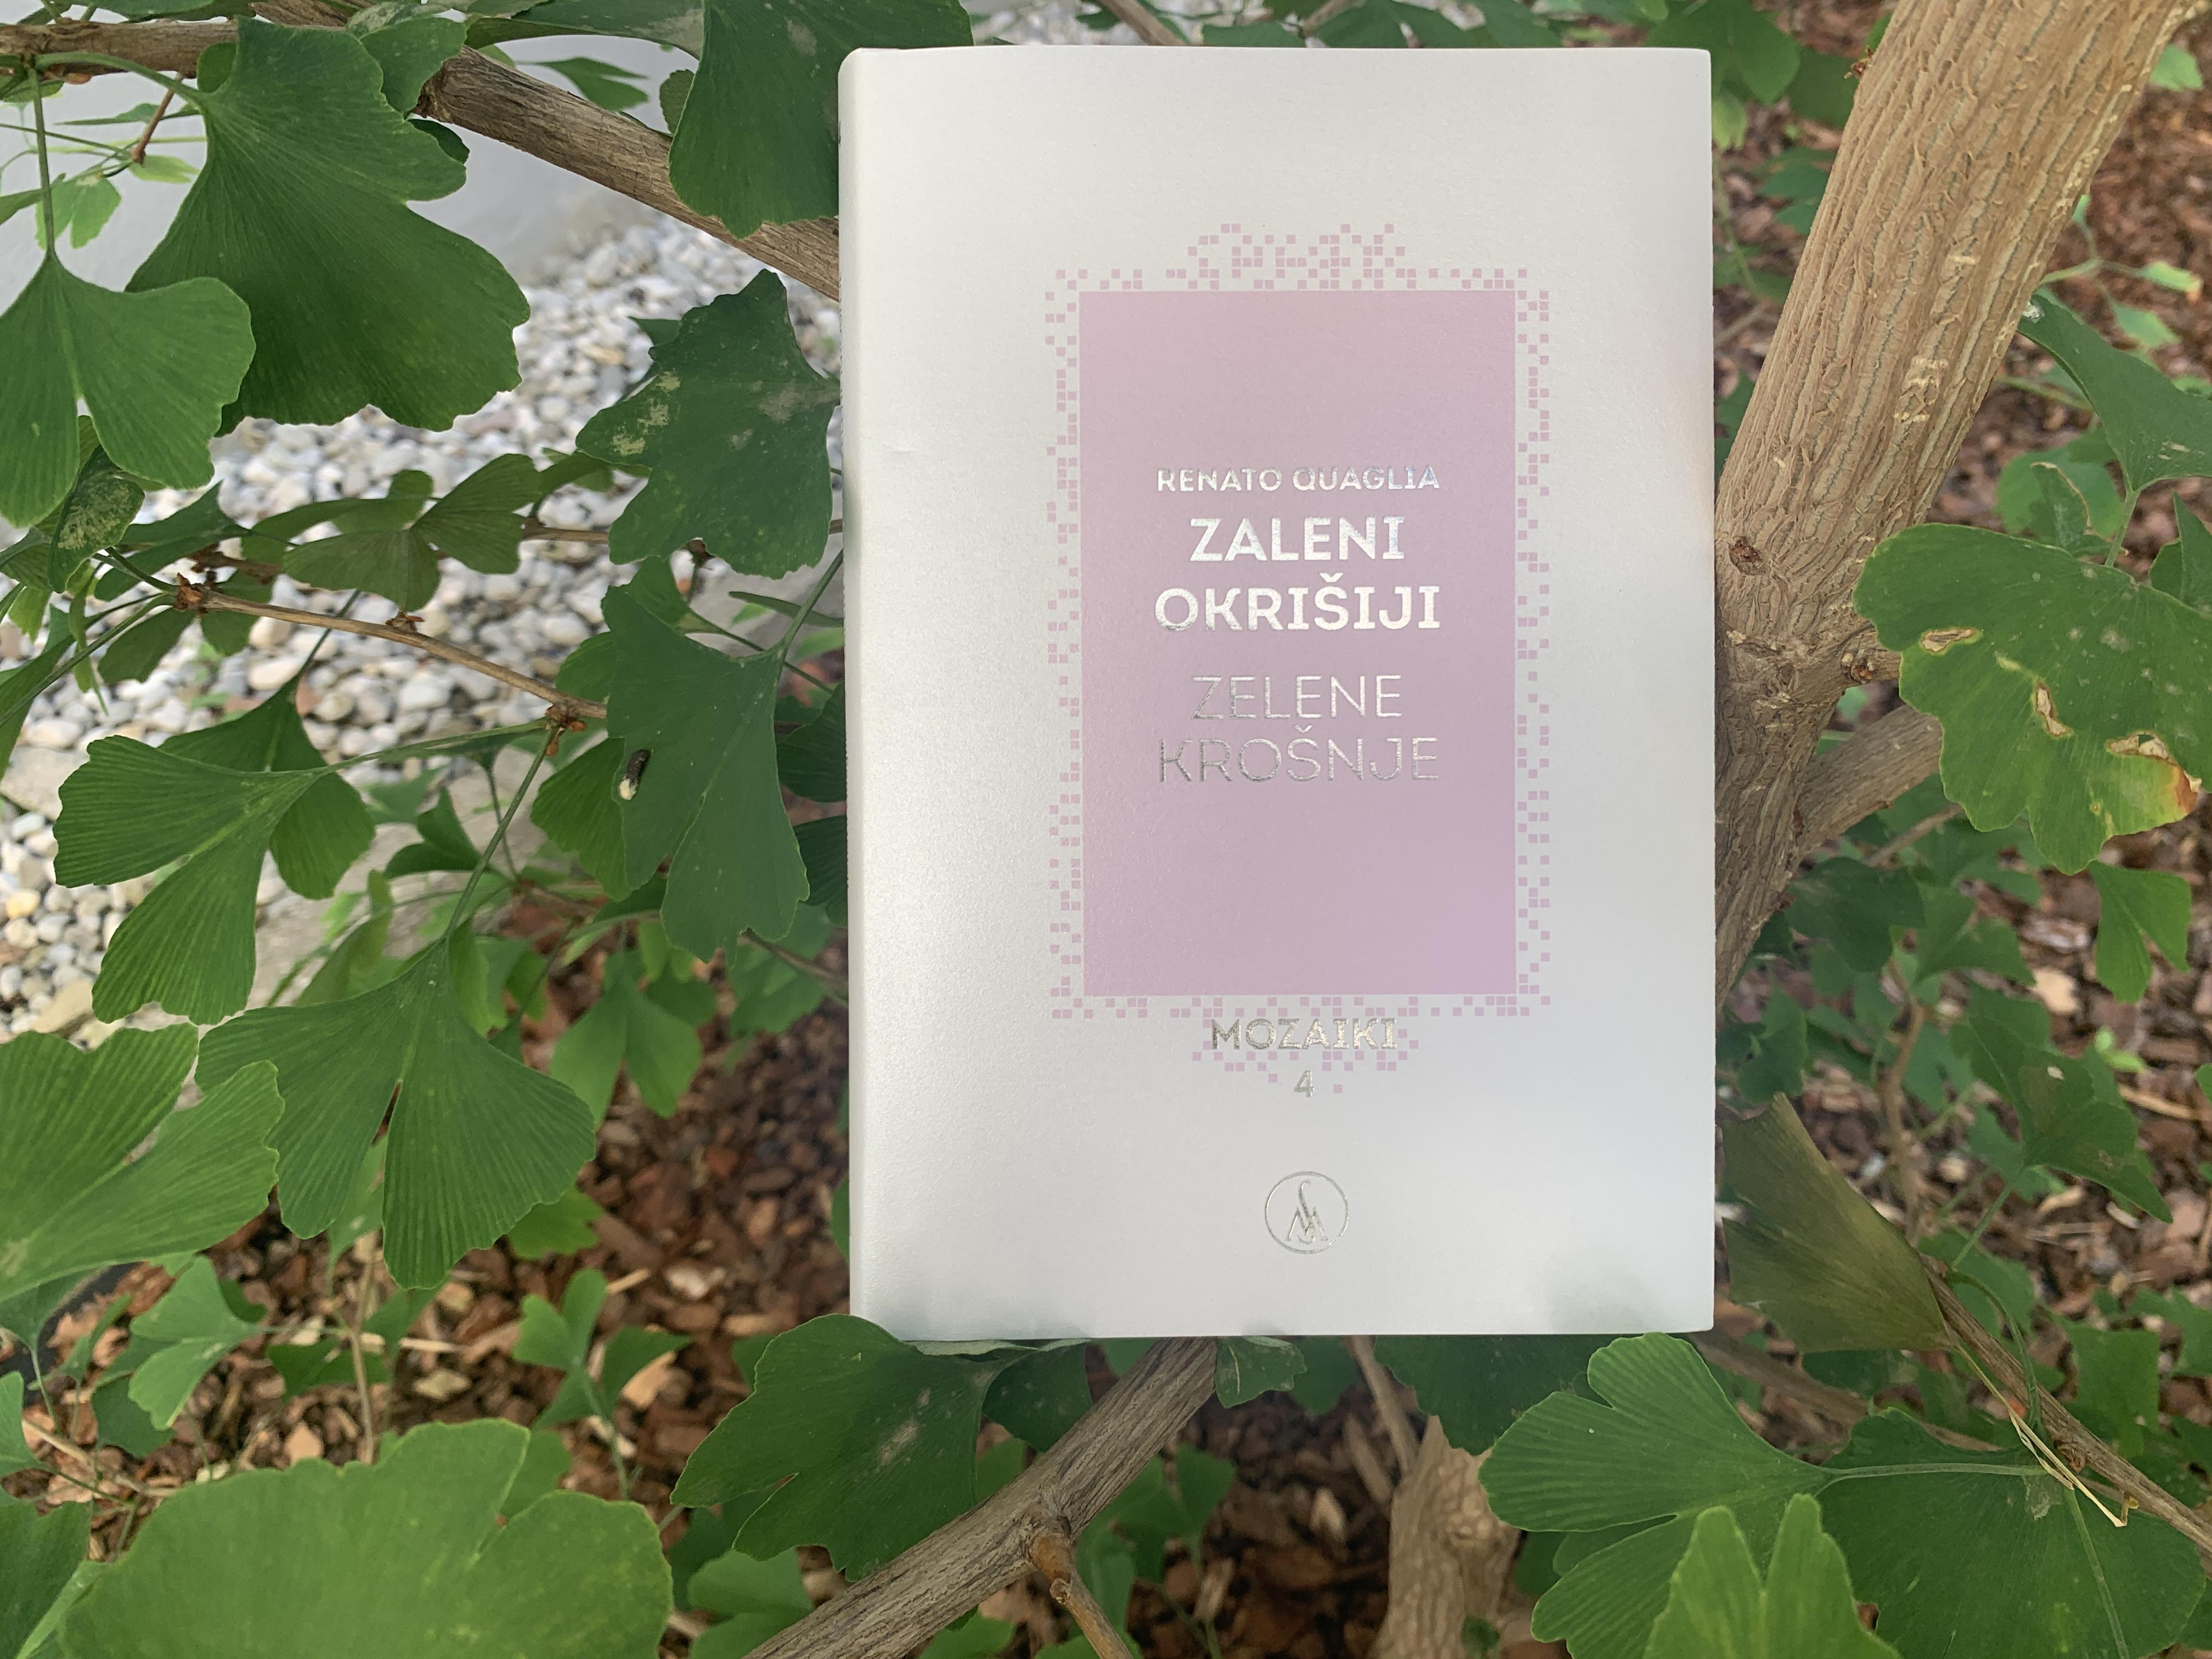 Predstavitev pesniške zbirke Zaleni okrišiji/Zelene krošnje Renata Quaglie